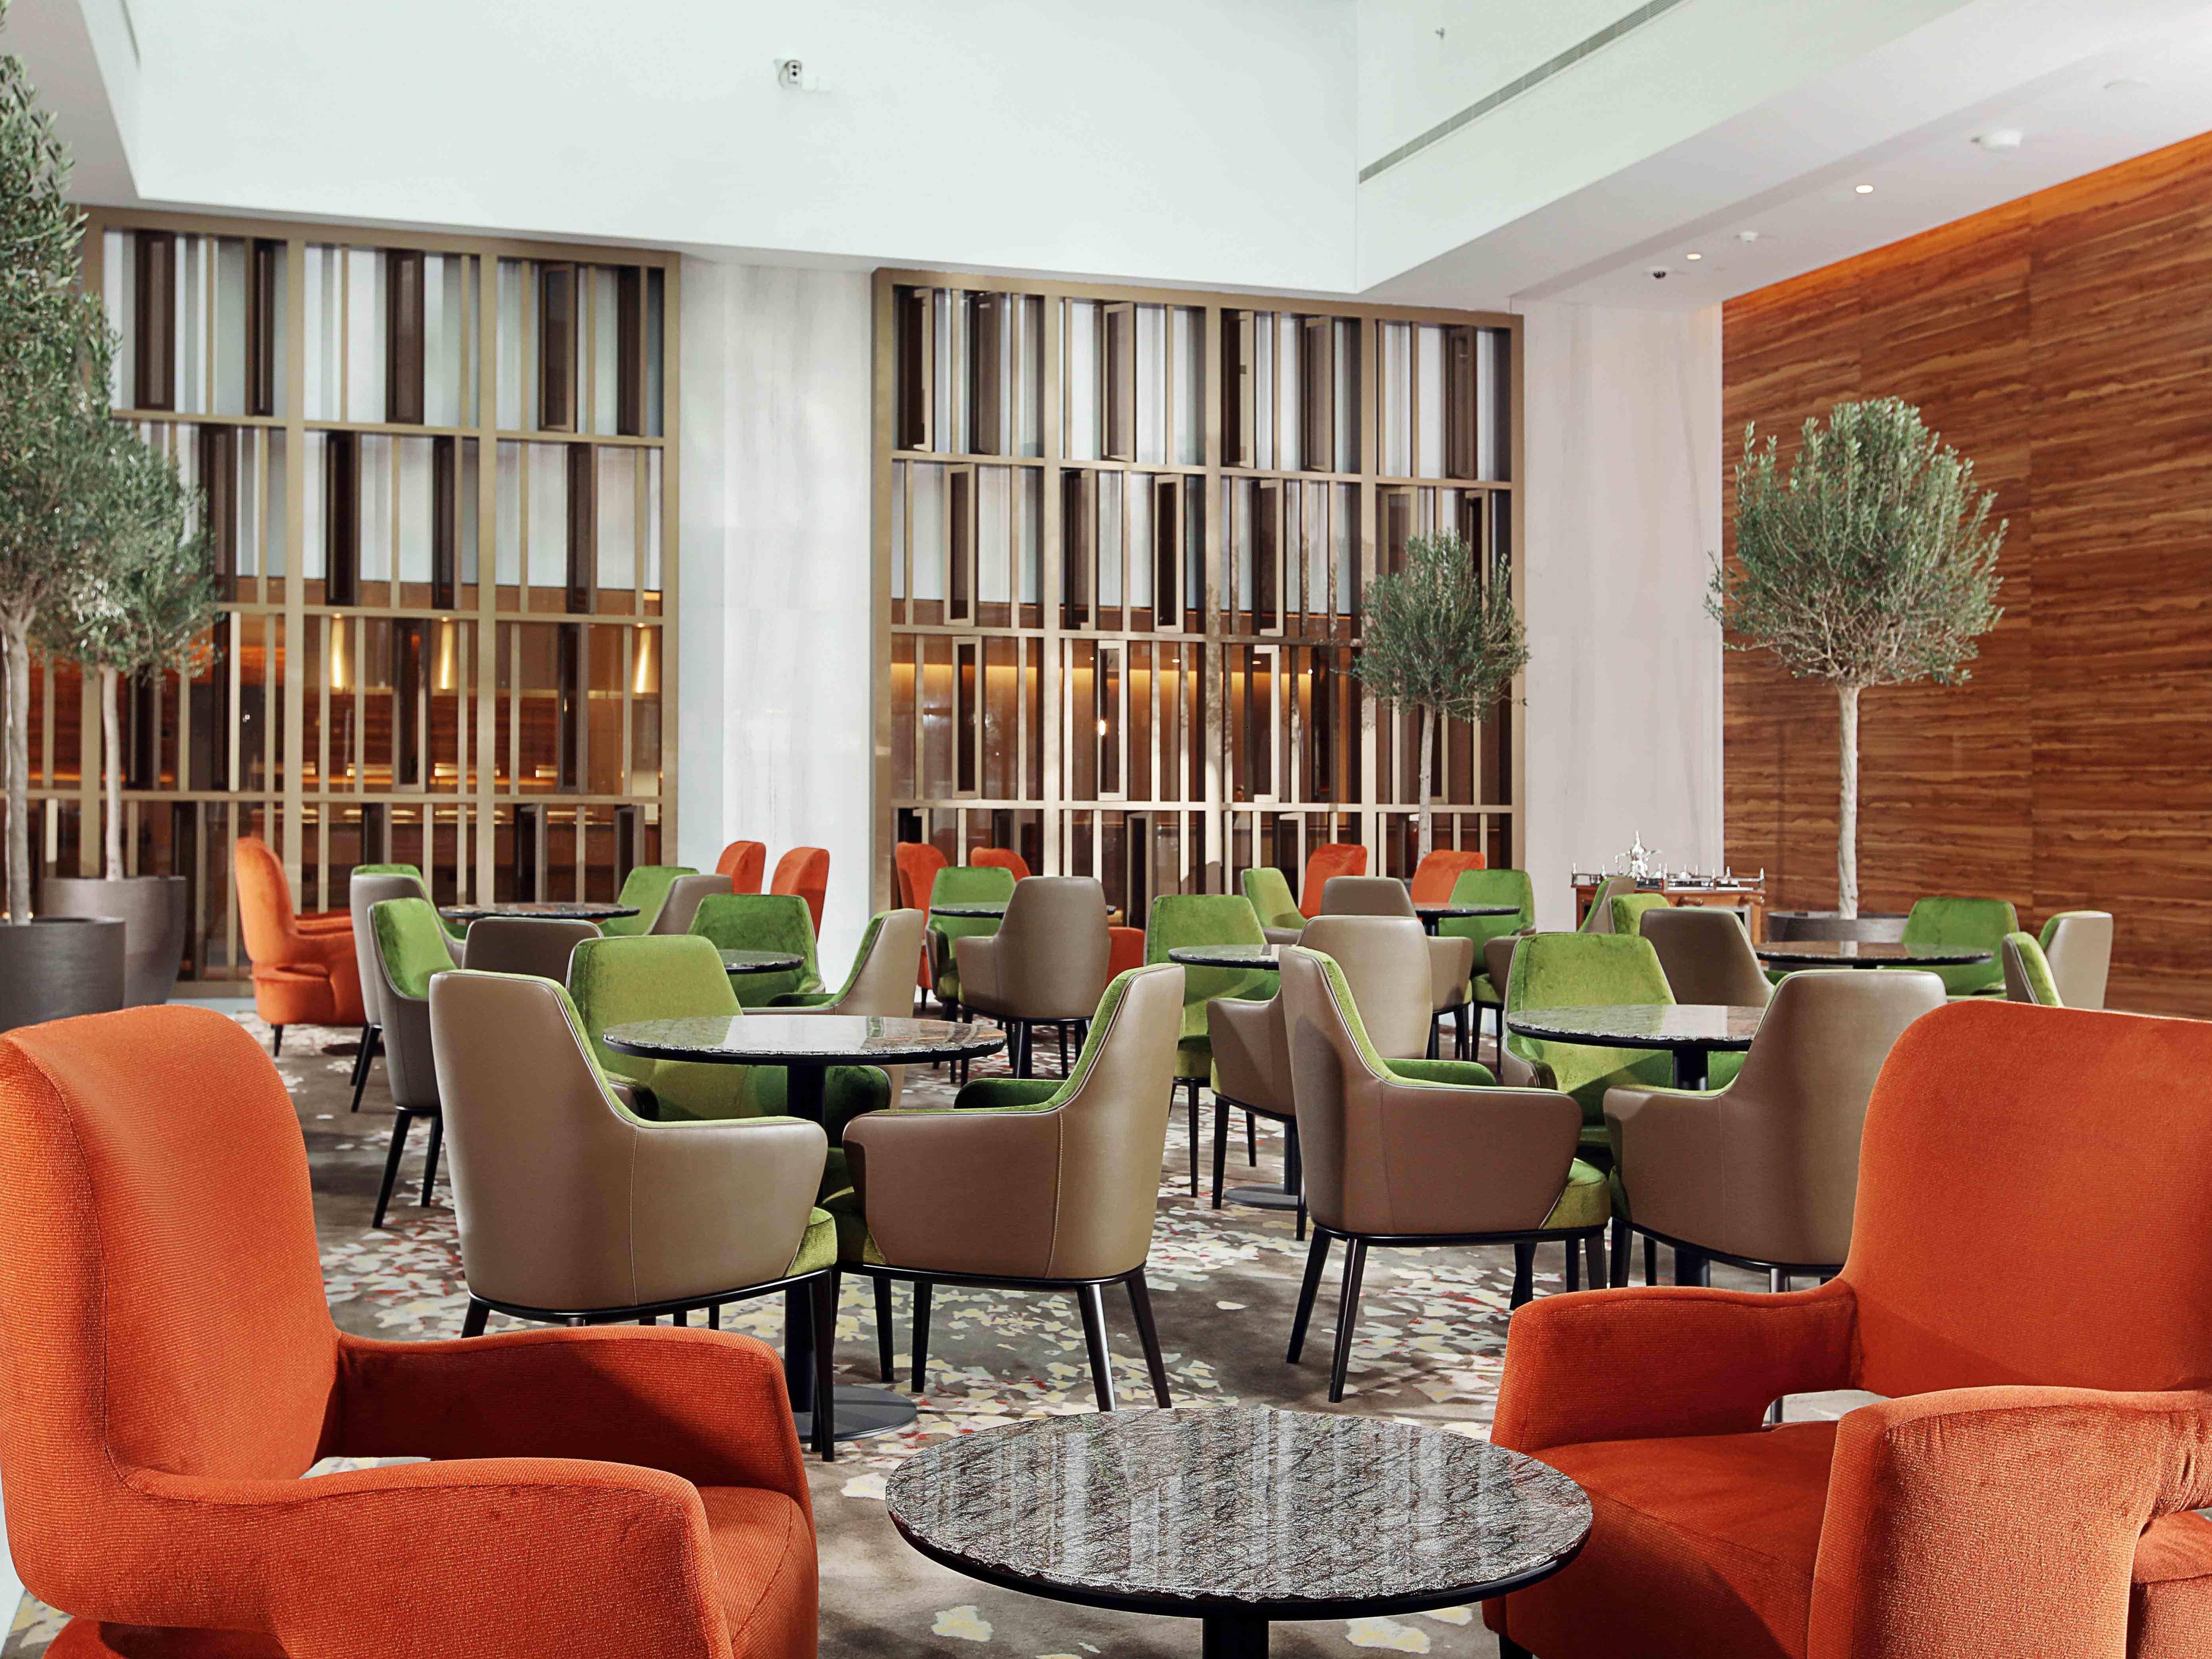 Americano Cafe & Lounge at Grand Cosmopolitan Hotel in Dubai